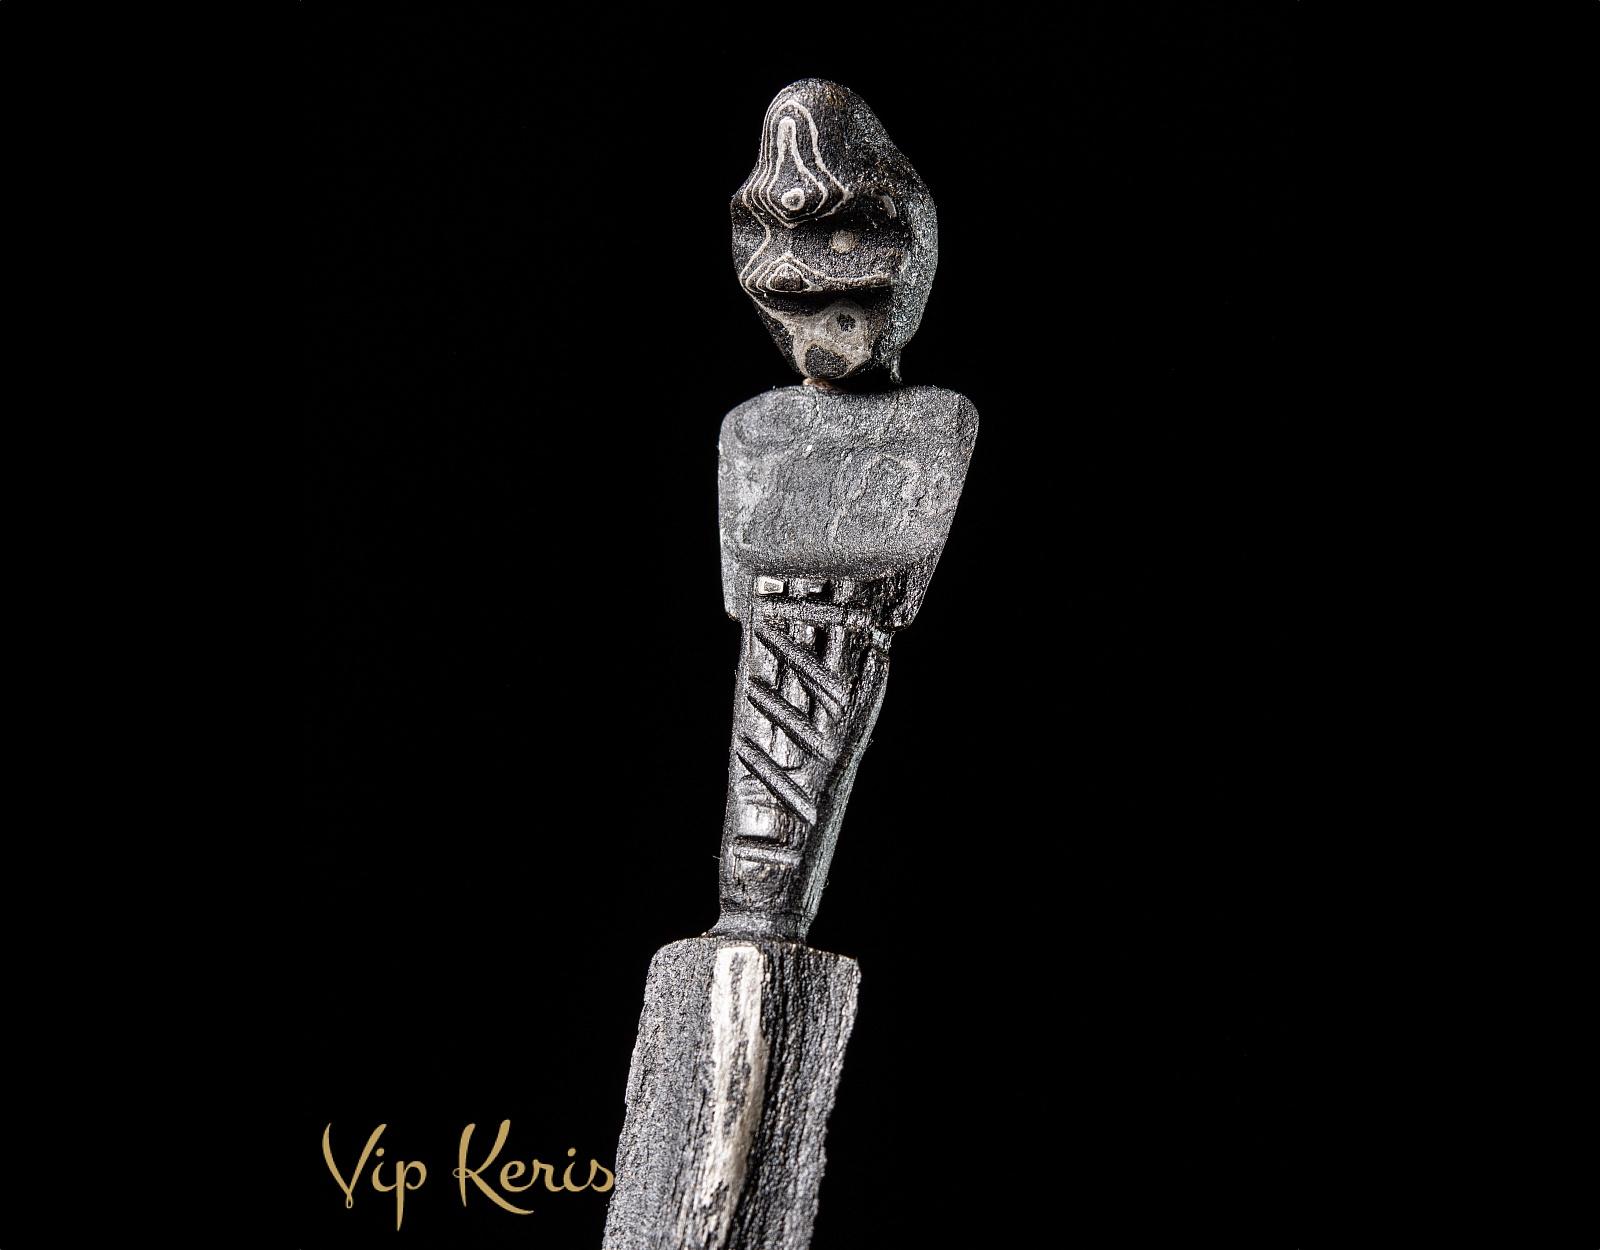 Прямой ритуальный кинжал Крис Sajen Sombro фото VipKeris